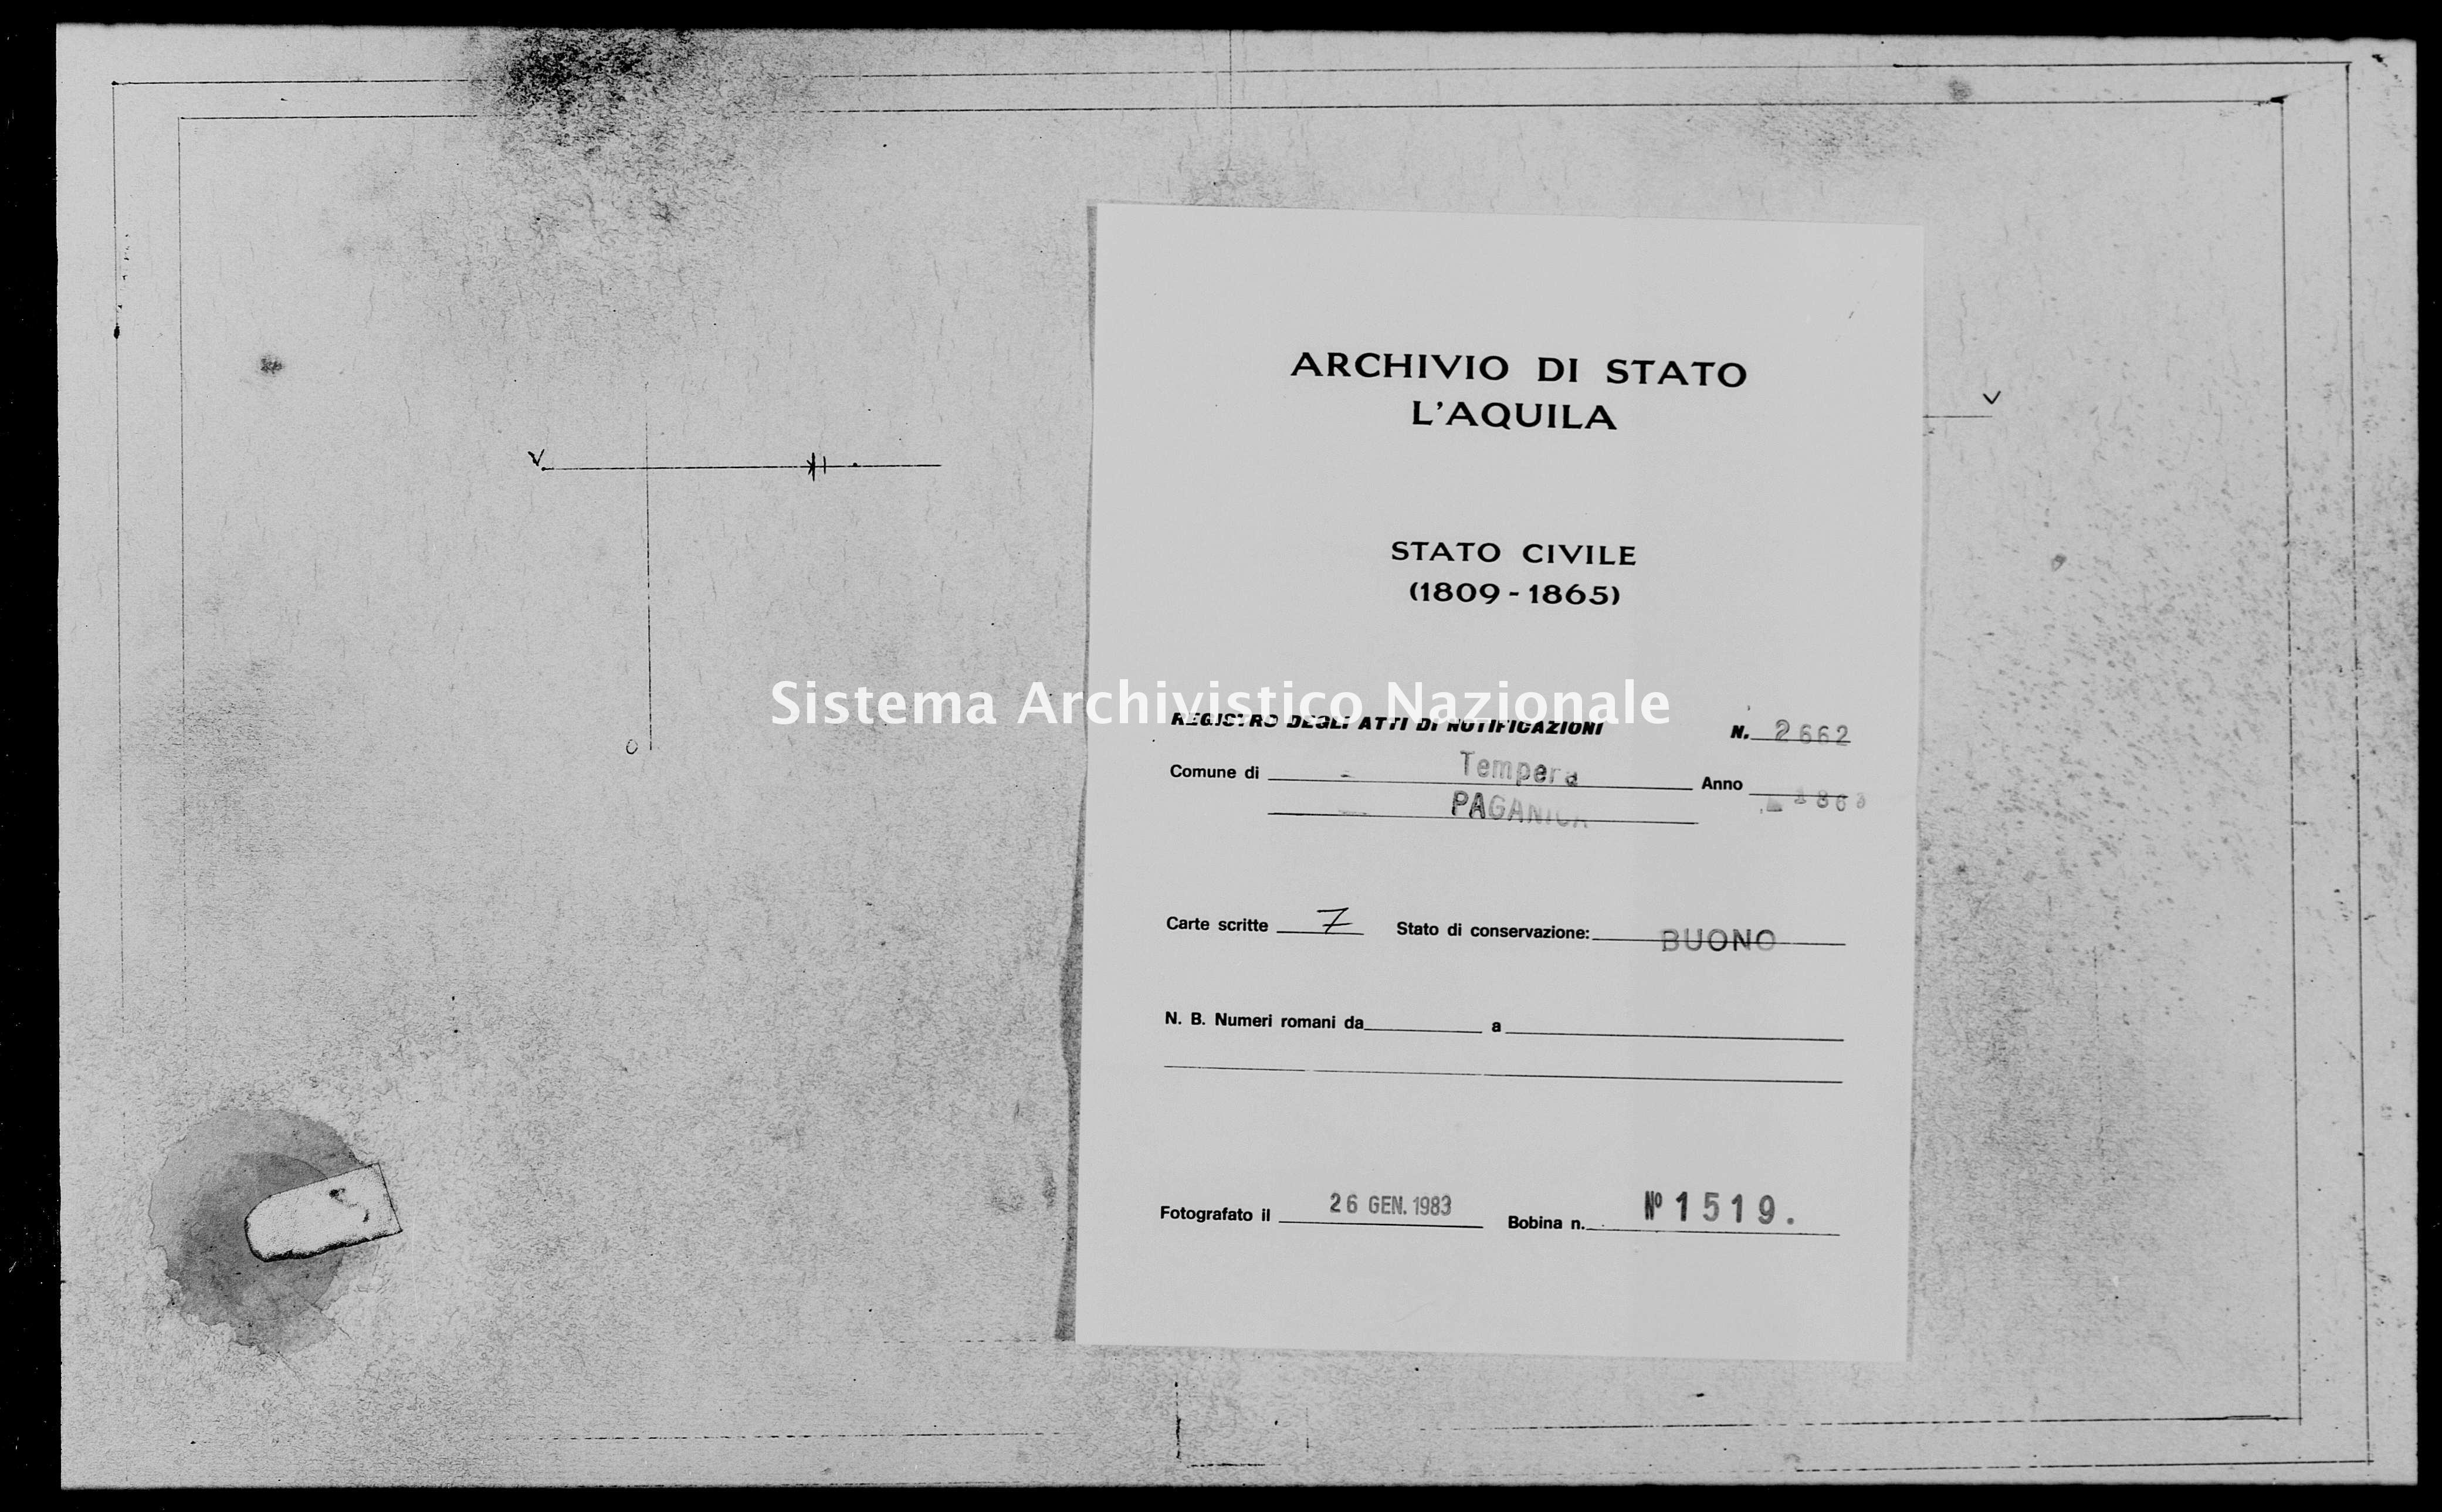 Archivio di stato di L'aquila - Stato civile italiano - Tempera - Matrimoni, memorandum notificazioni ed opposizioni - 1863 - 2662 -